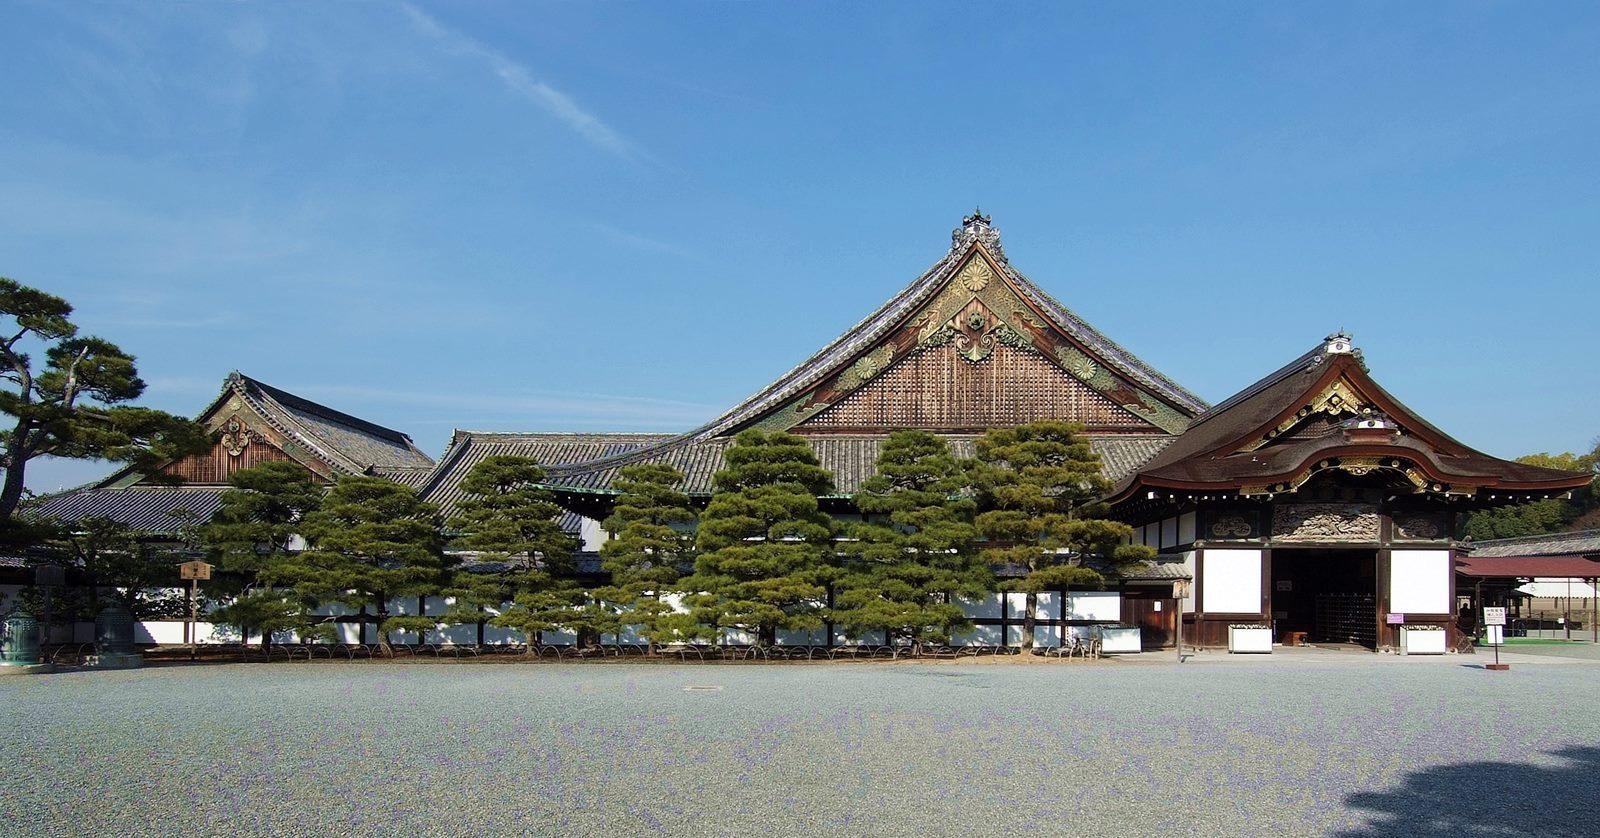 京都-京都景點-推薦-二條城-Nijo-Castle-自由行-旅遊-市區-京都必去景點-京都好玩景點-行程-京都必遊景點-日本-Kyoto-Tourist-Attraction